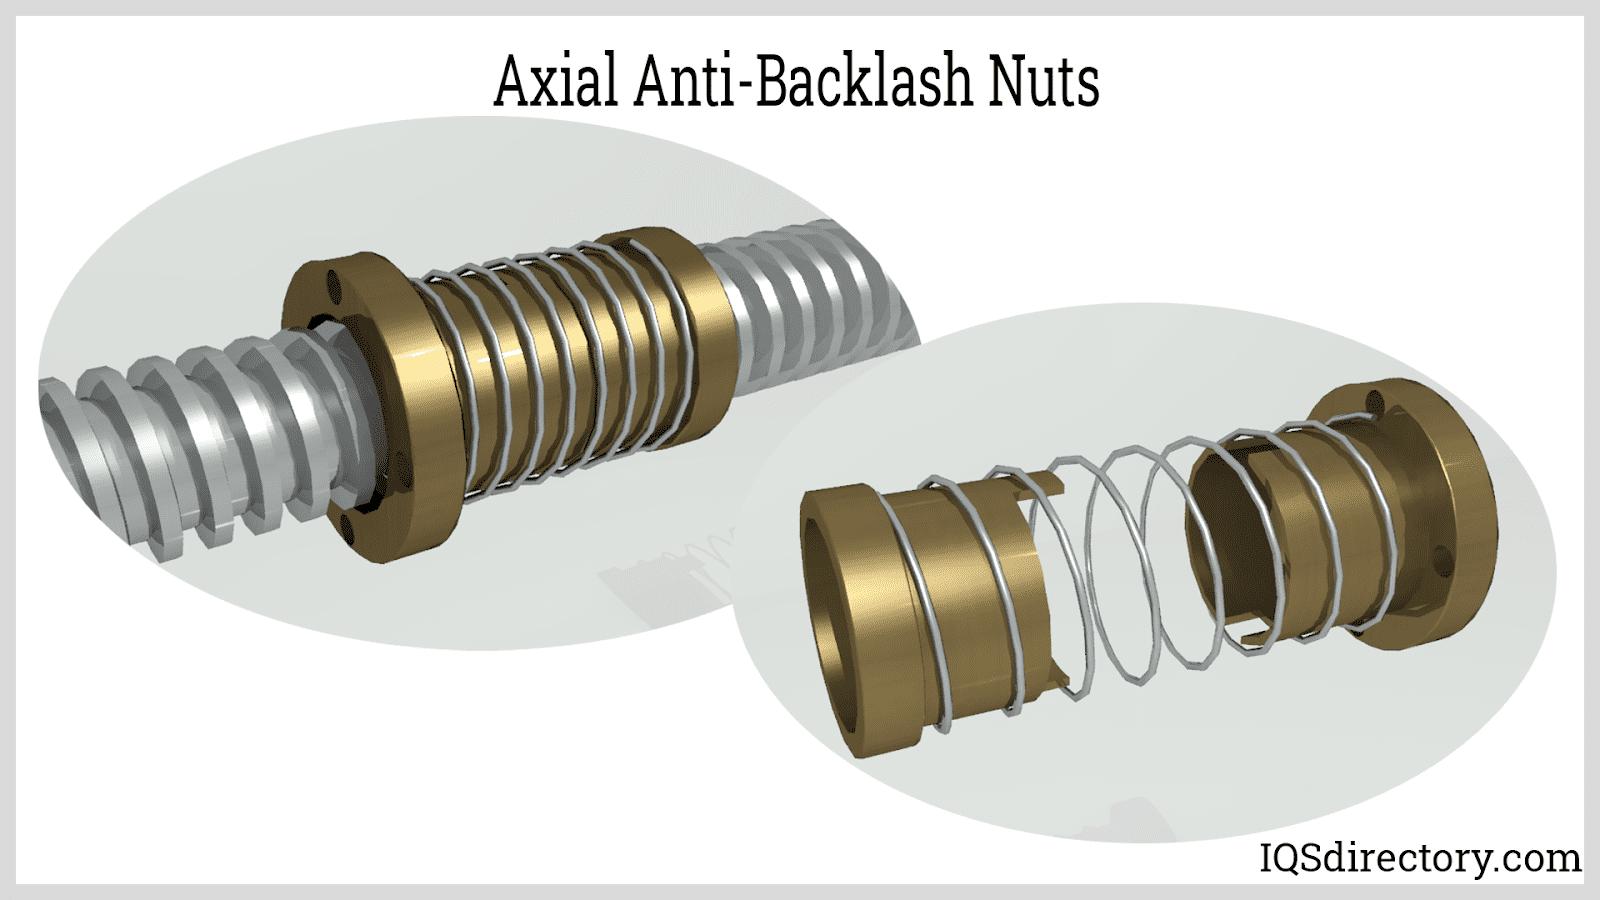 Axial Anti-Backlash Nuts